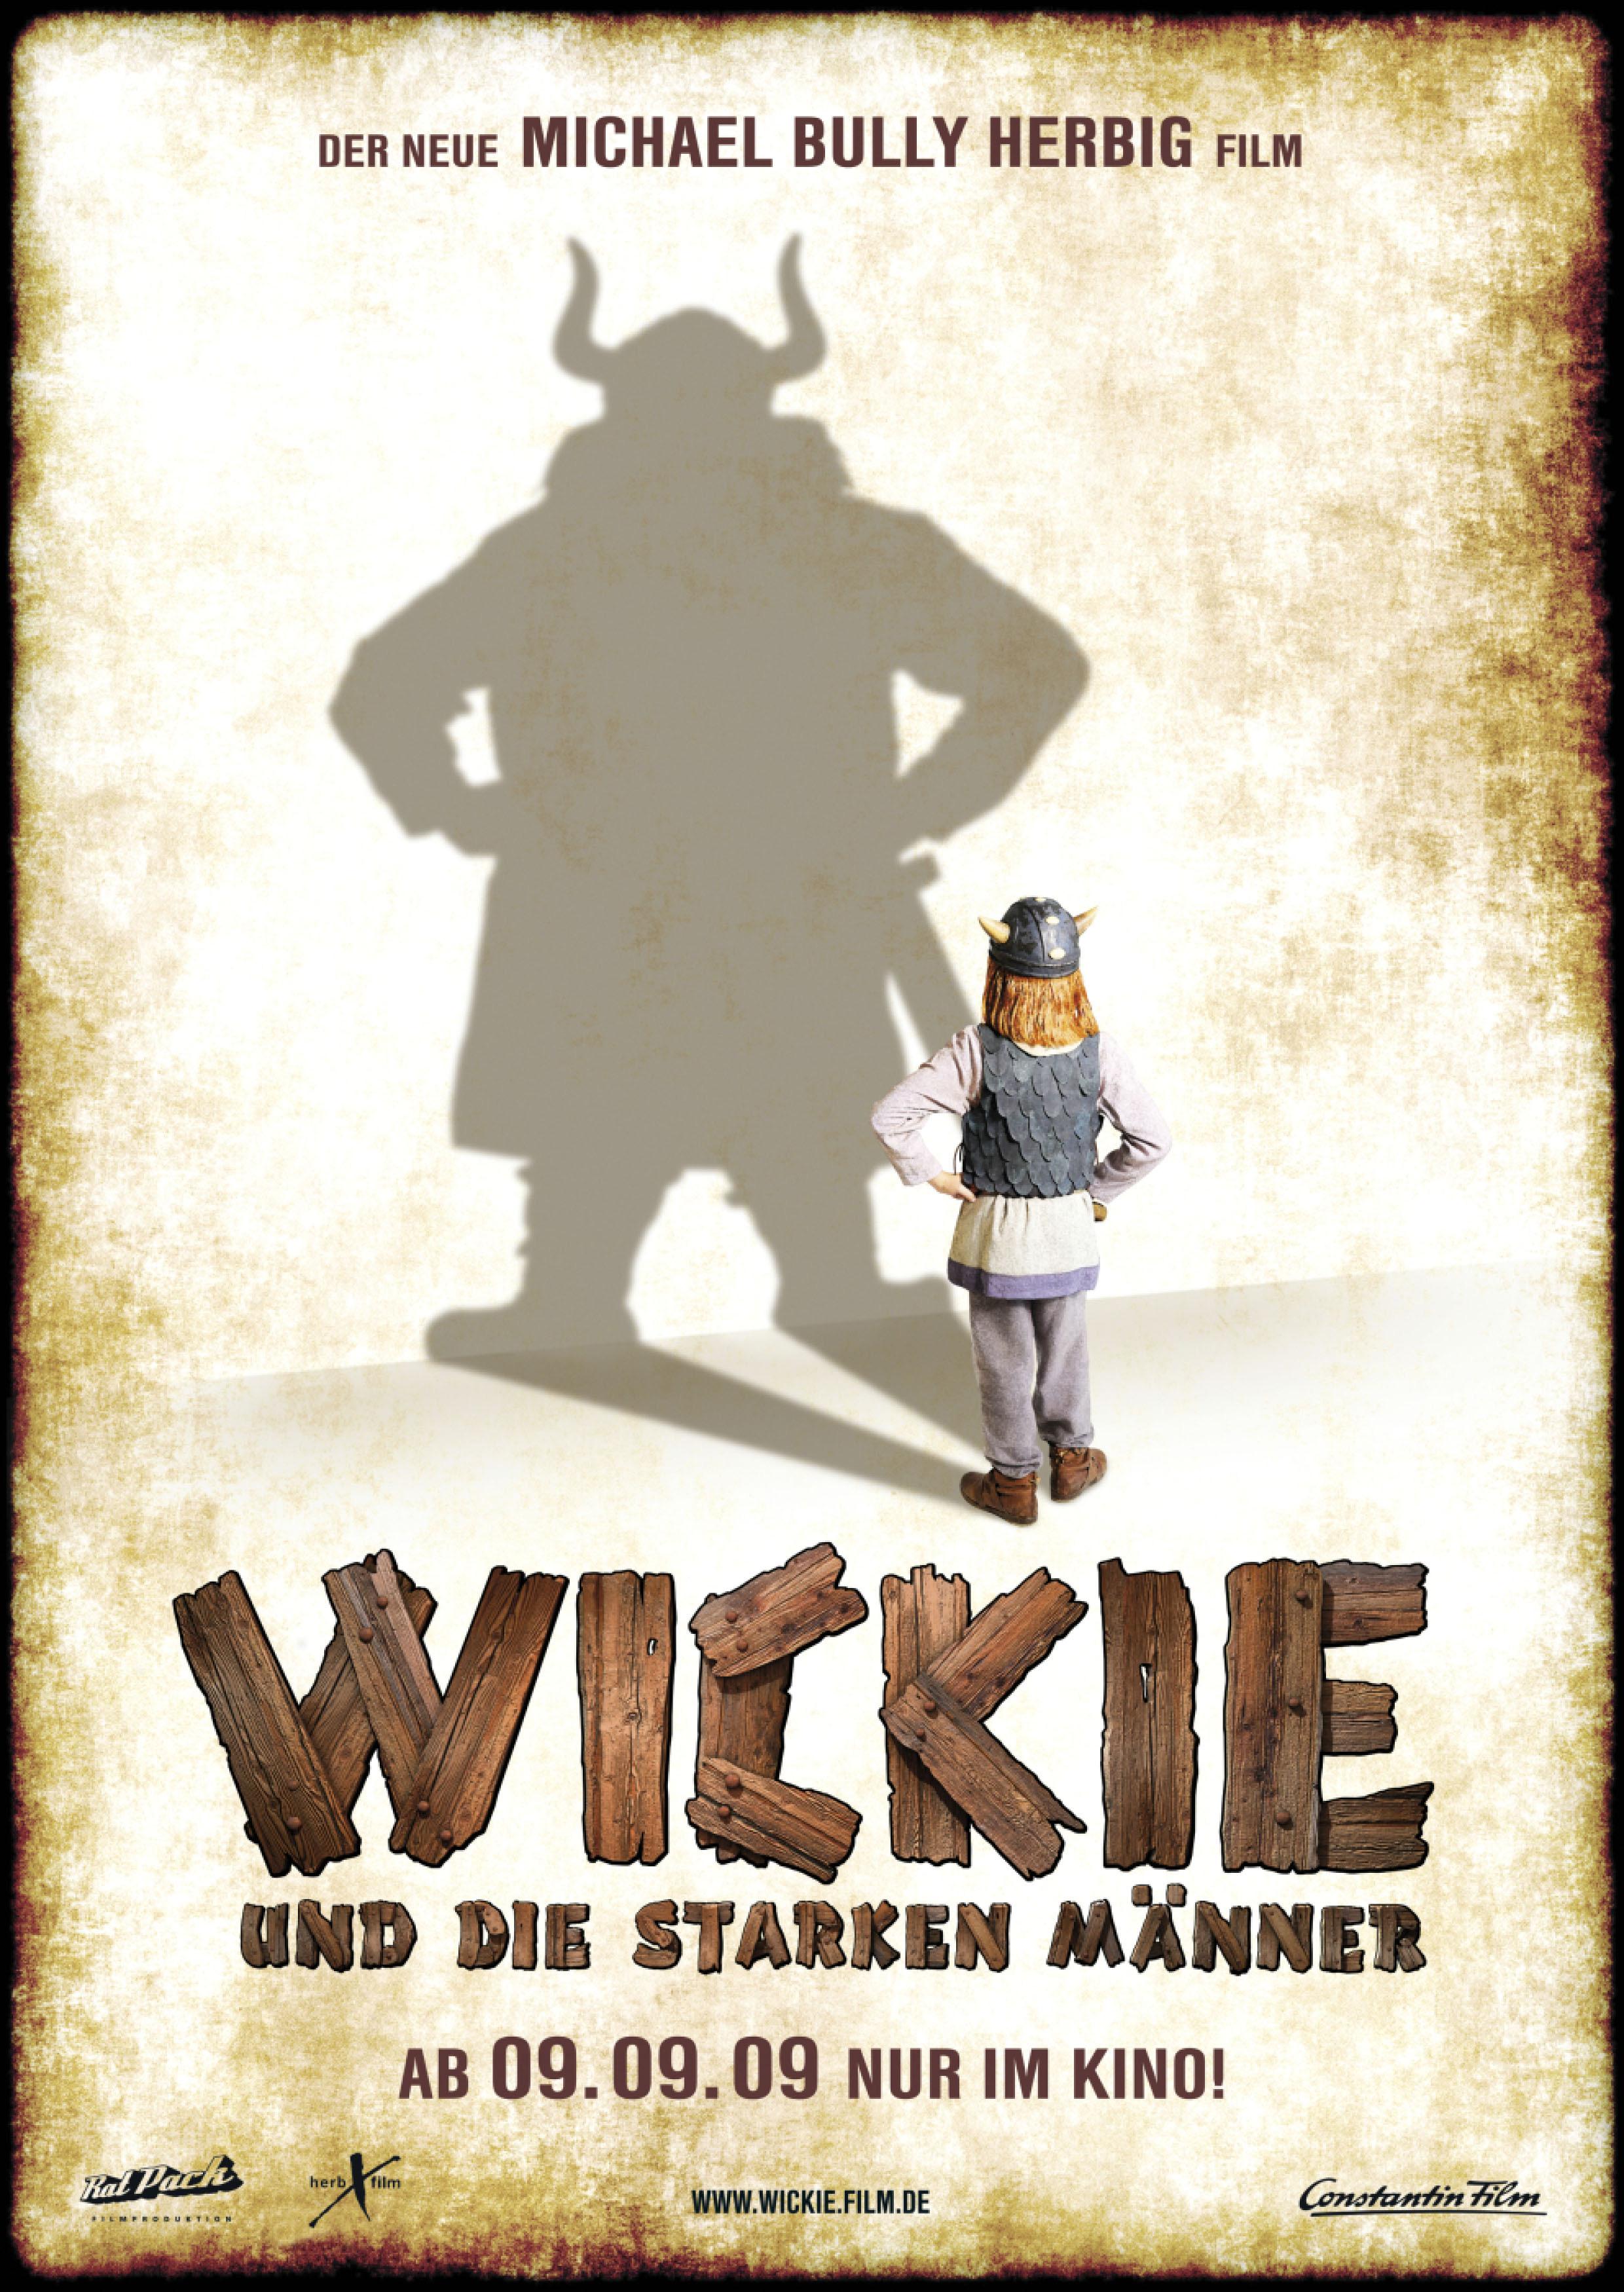 Wickie Und Die Starken Männer 2009 Stream